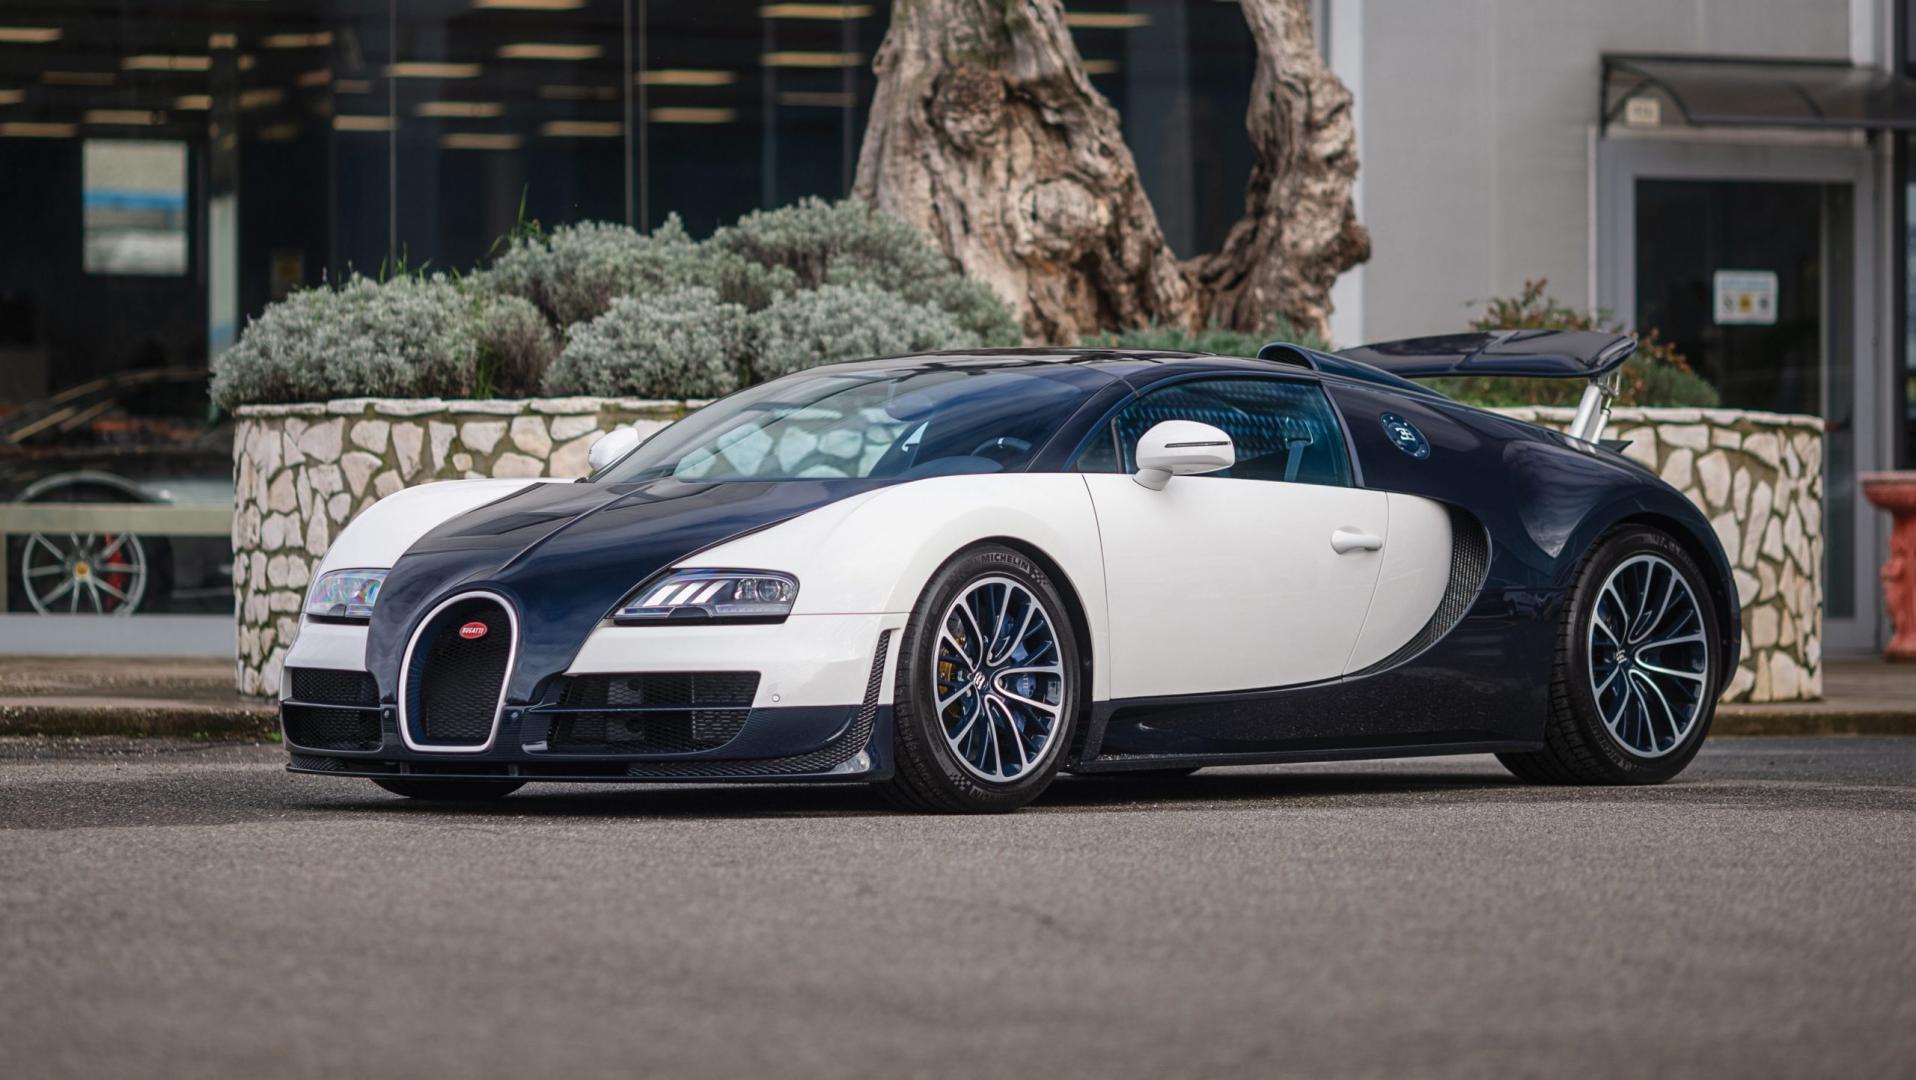 Bugatti Veyron 16.4 Grand Sport VitesseBugatti Veyron 16.4 Grand Sport Vitesse